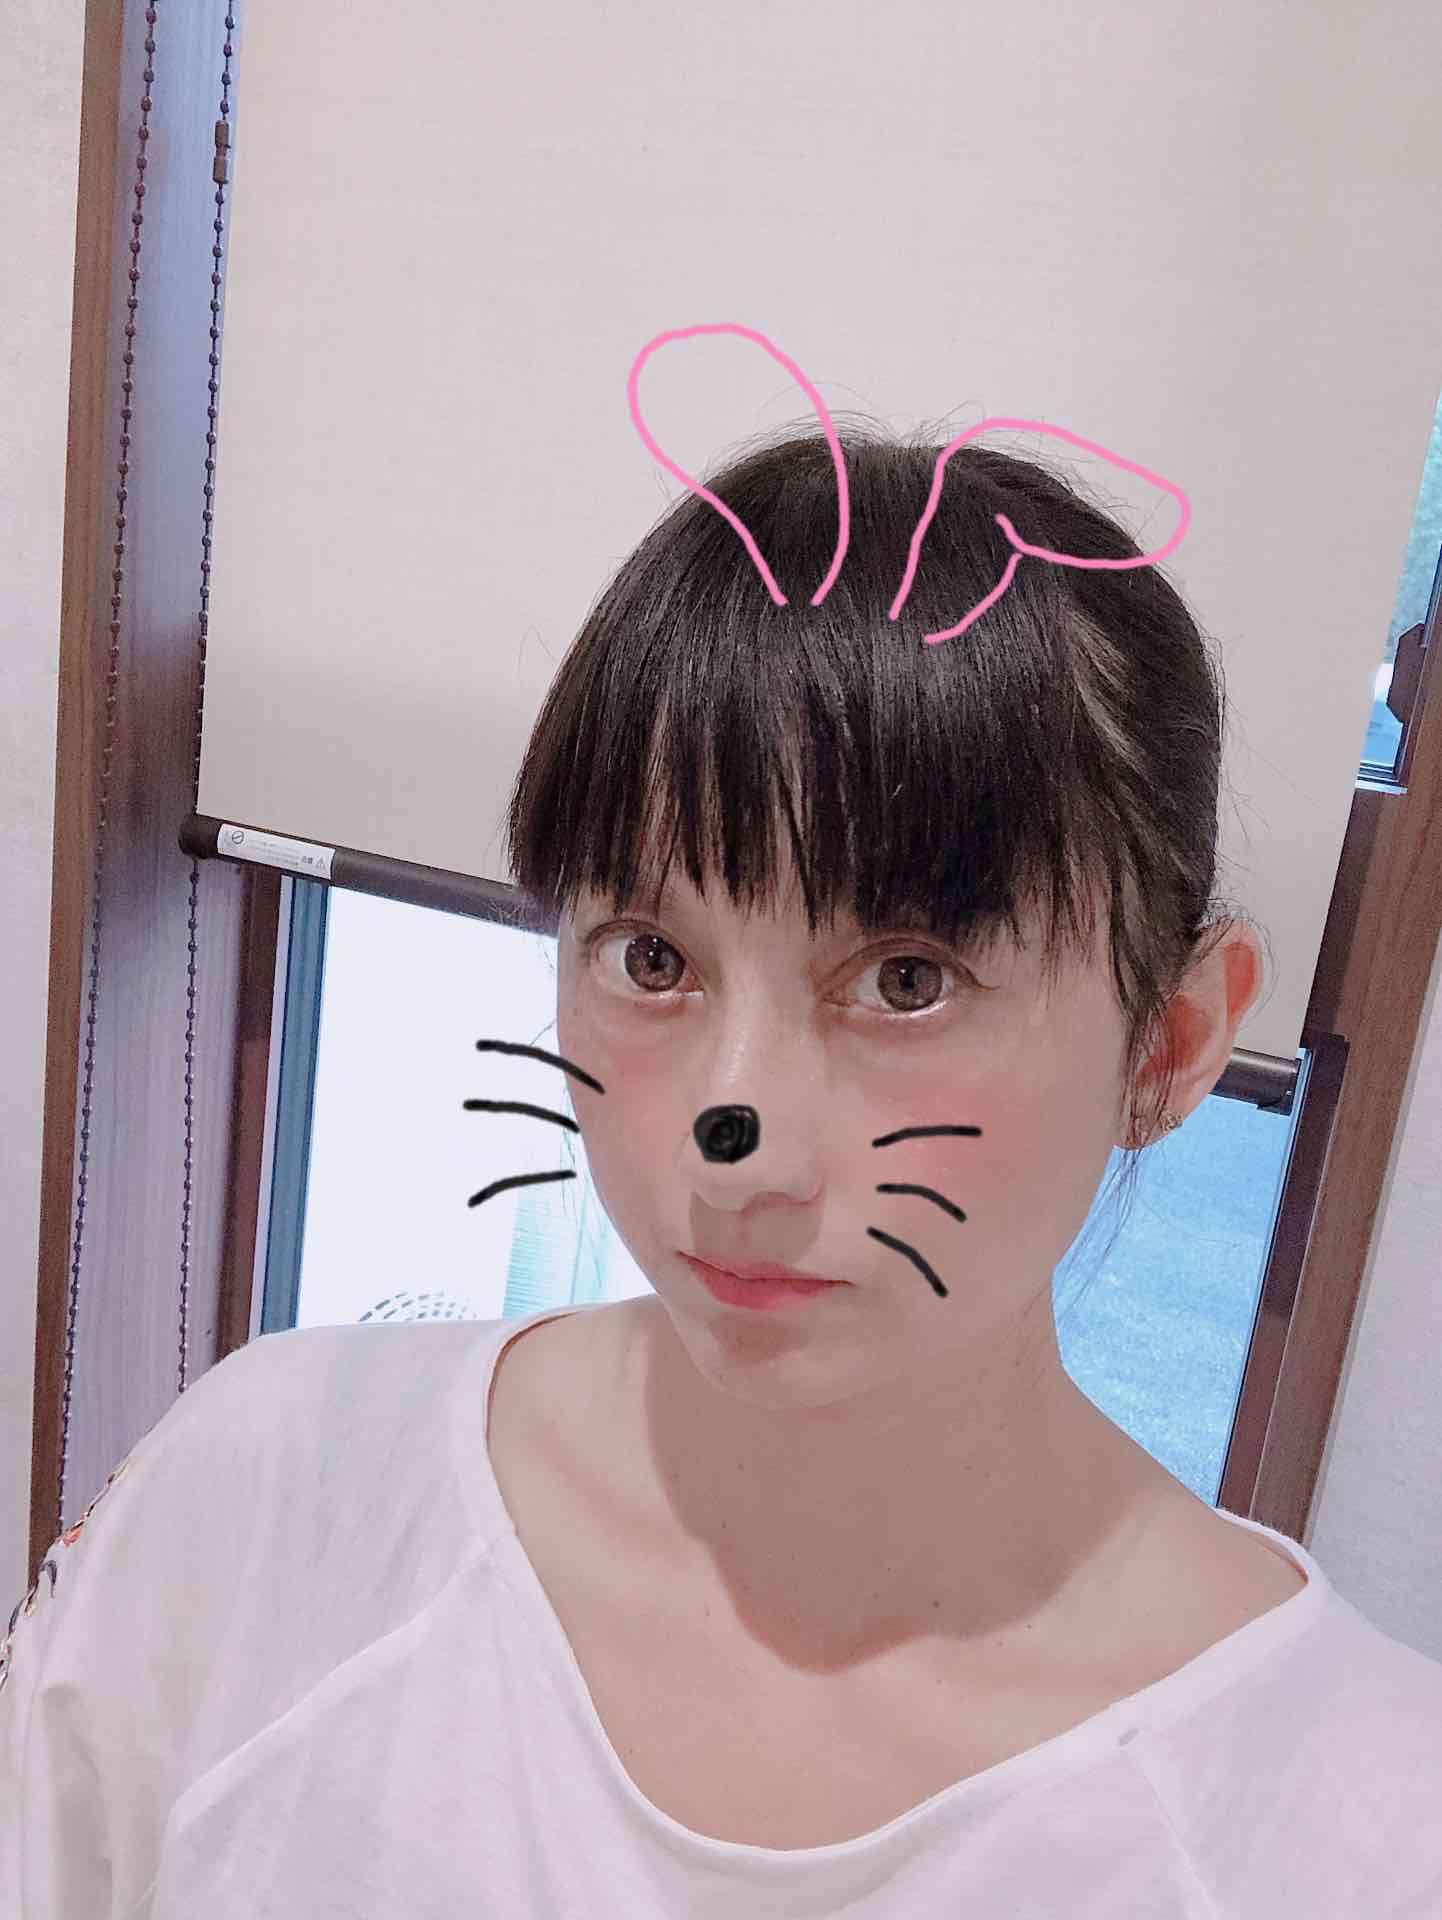 なつ(藤田凜 応援中!٩(°̀ᗝ°́)و)のプロフィール画像